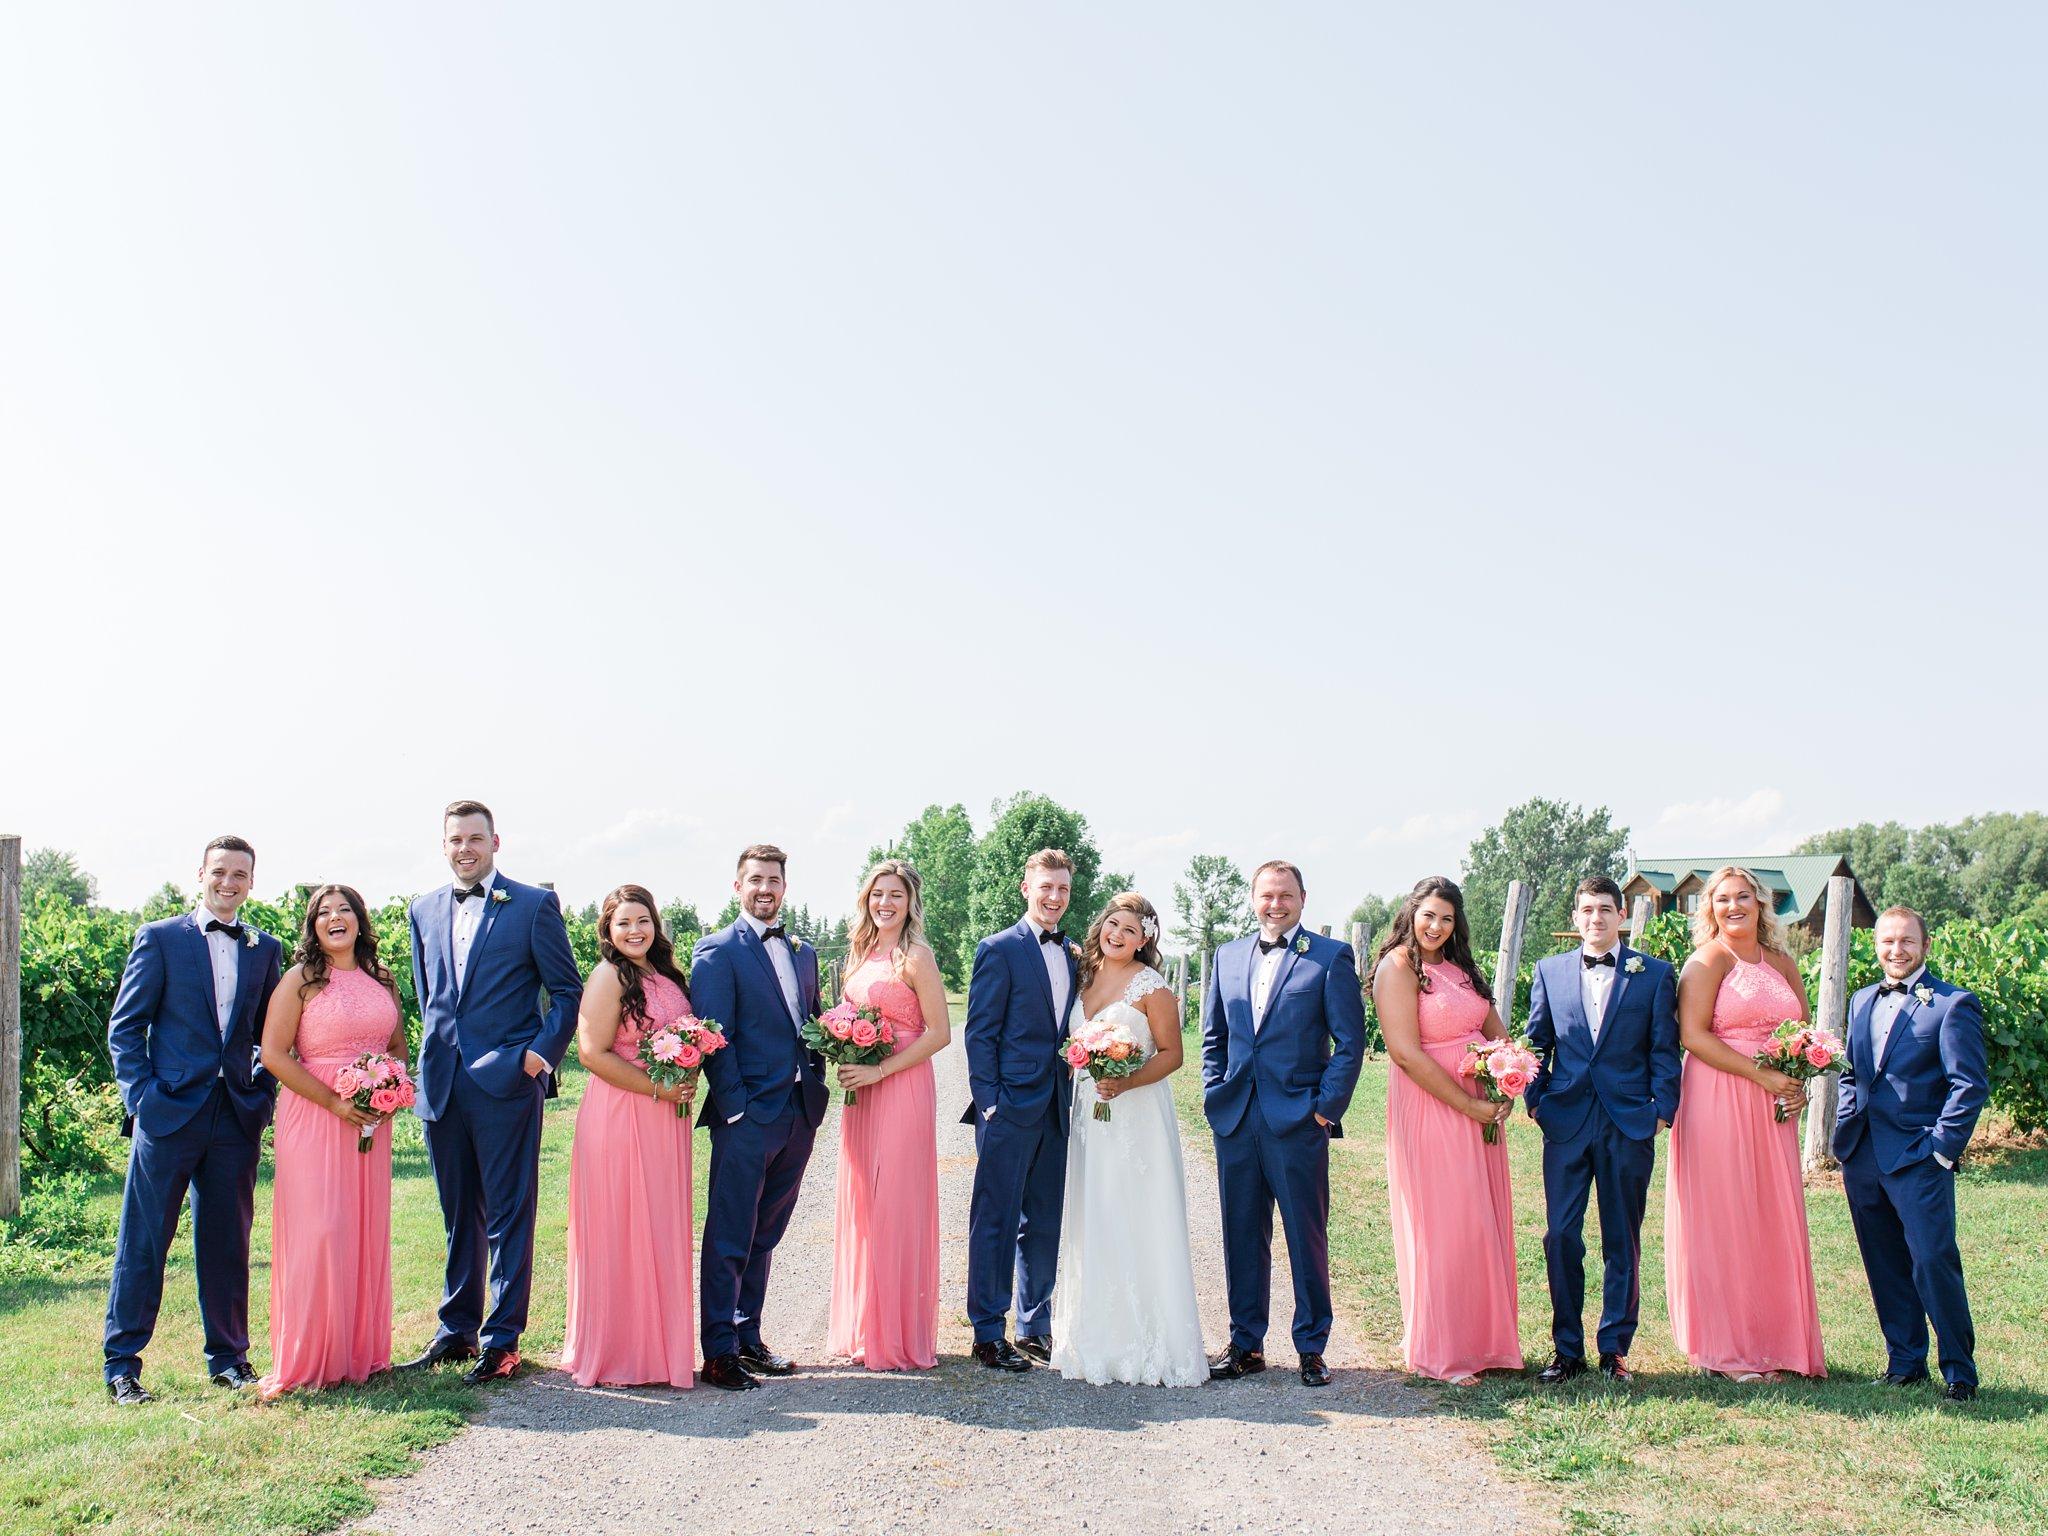 Davids bridal pink bridesmaids Vineyard wedding at Jabulani Amy Pinder Photography